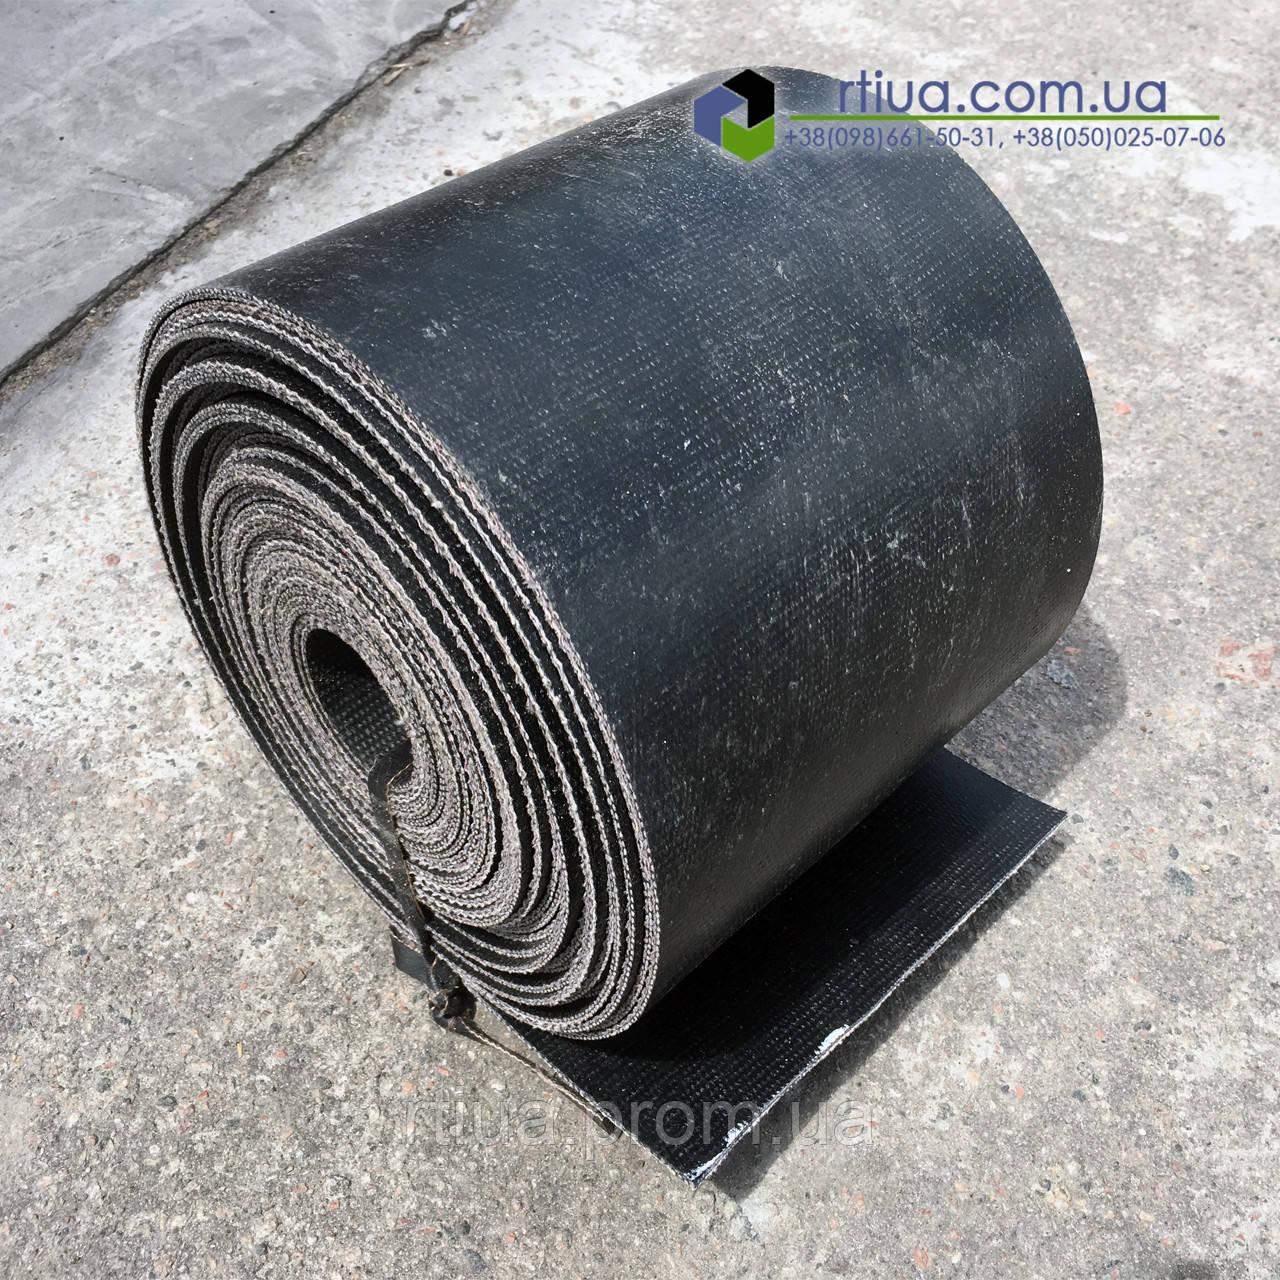 Транспортерная лента БКНЛ, 350х8 мм